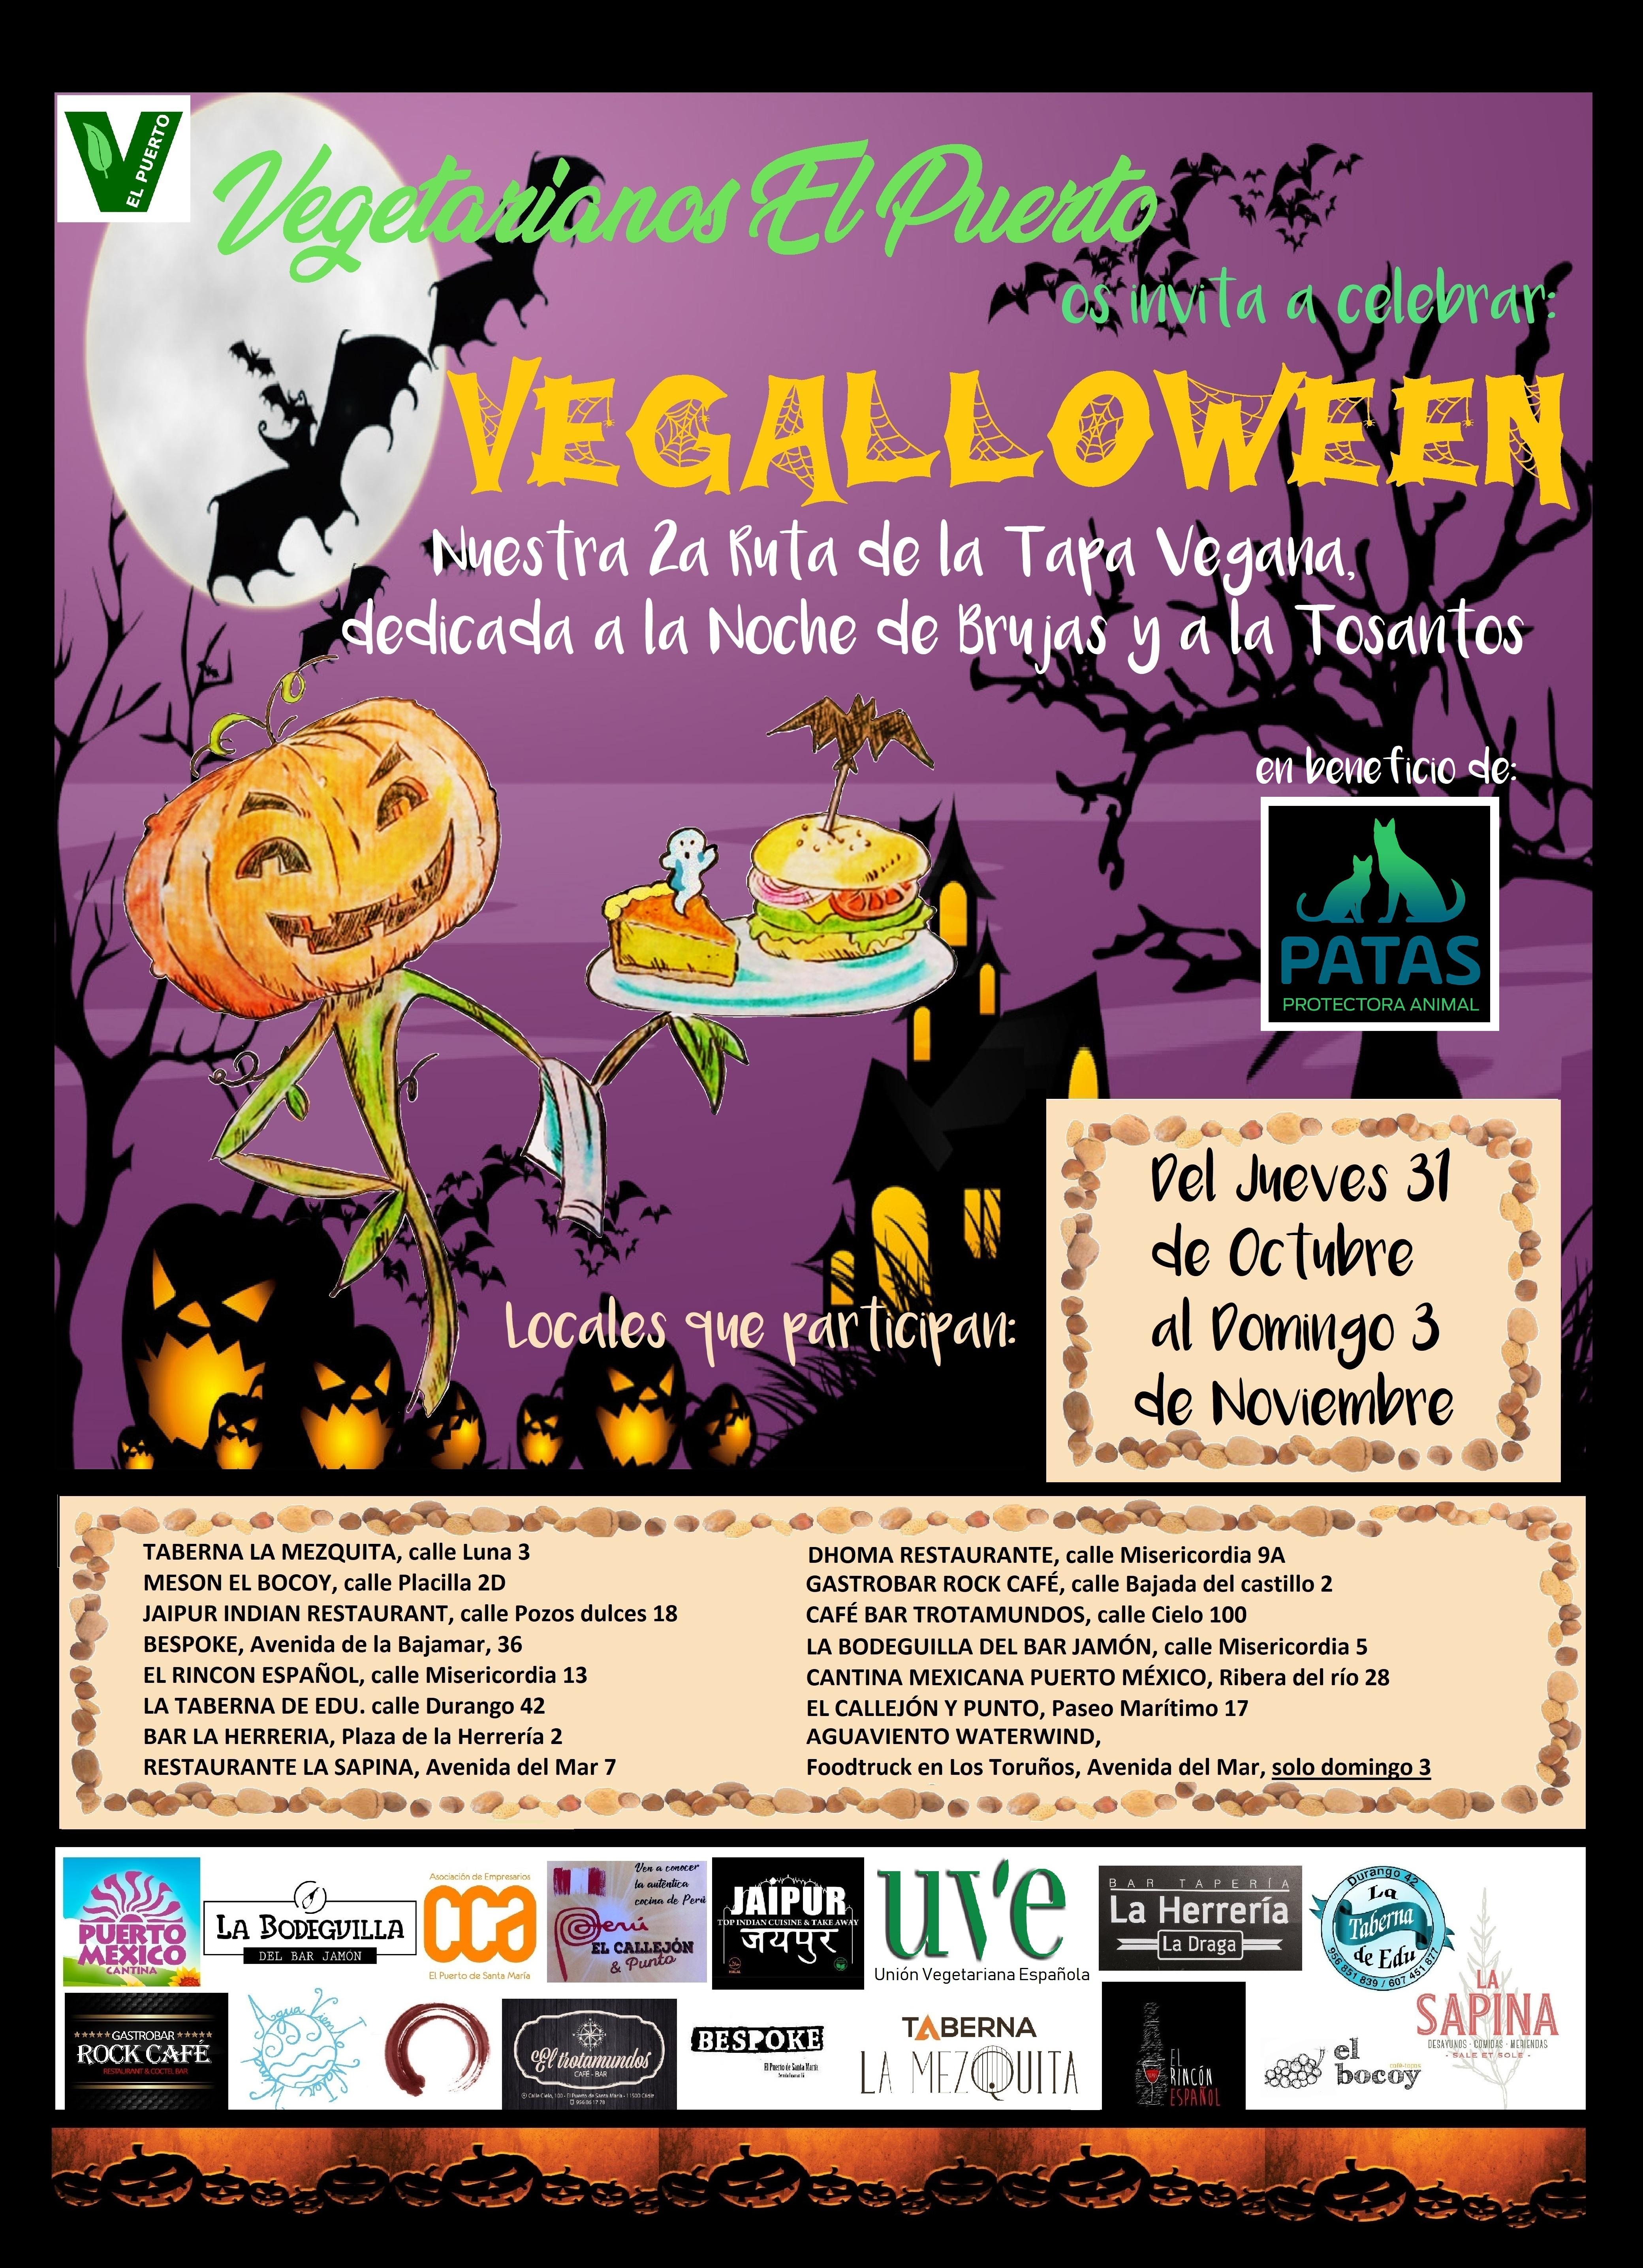 Vegalloween!!